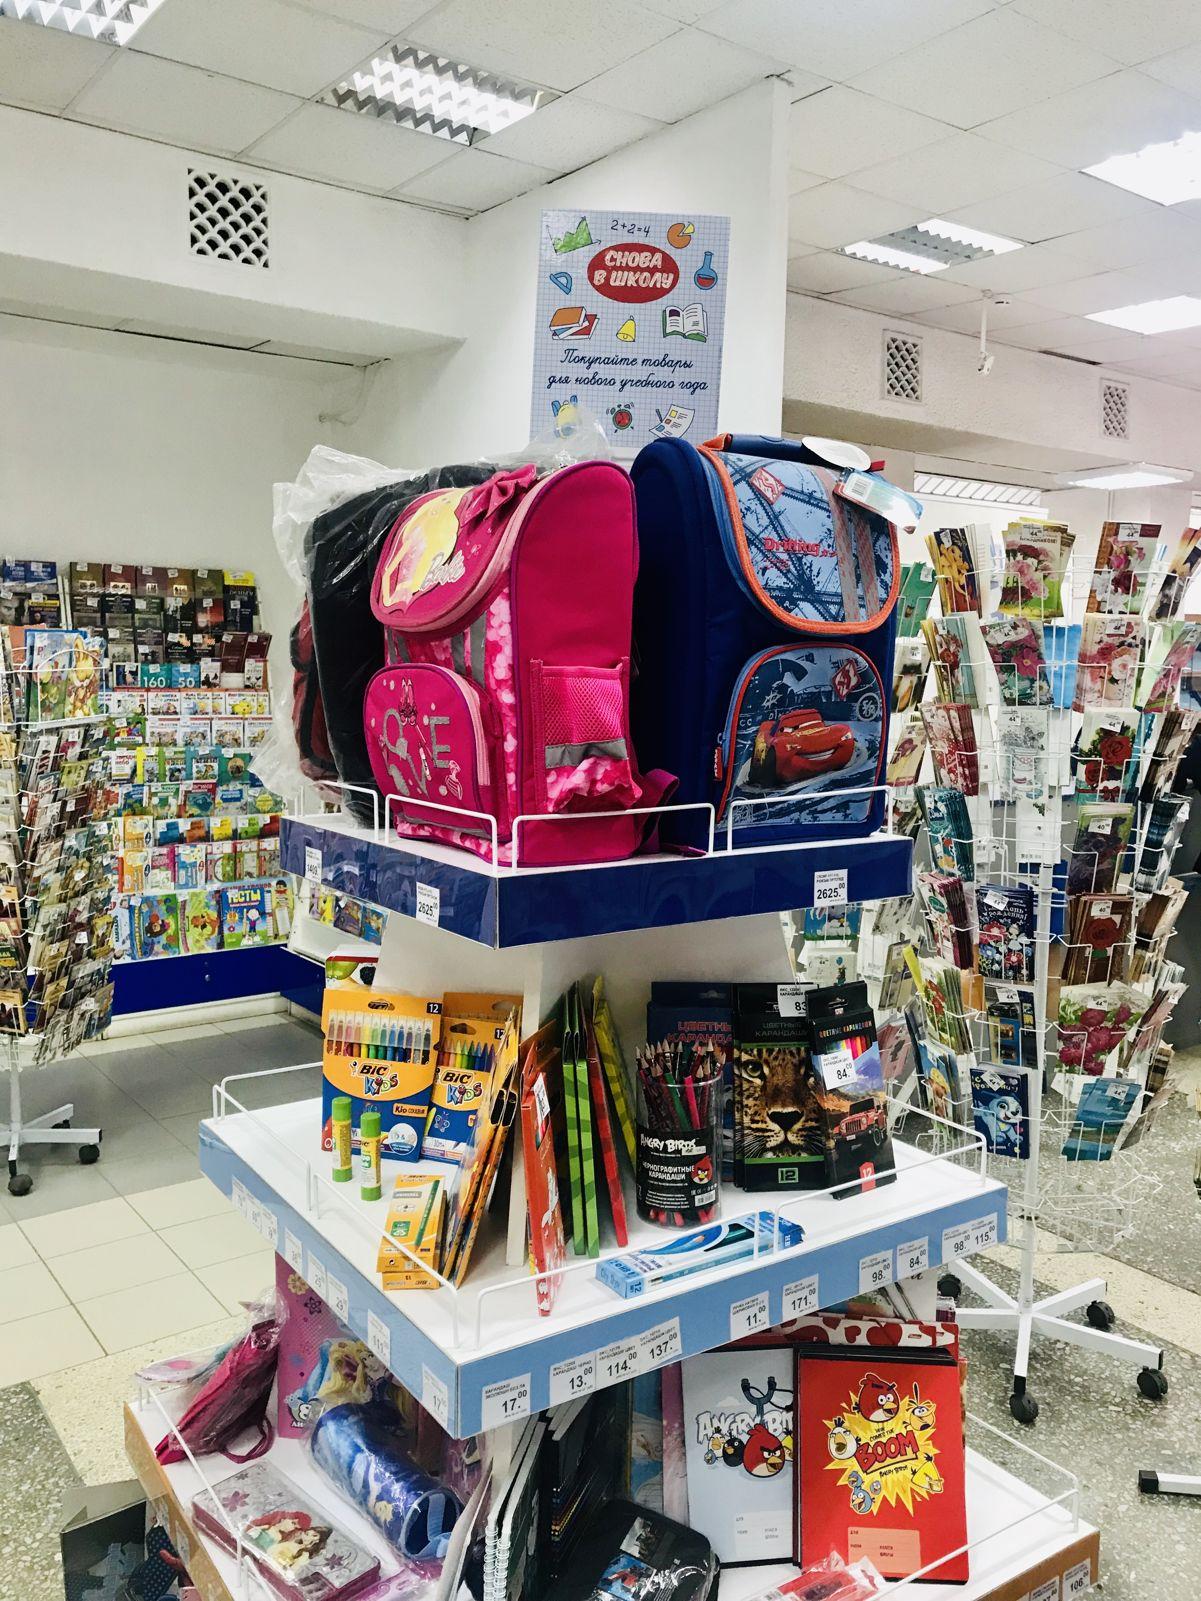 «Снова в школу» - акция для школьников и их родителей во всех почтовых отделениях Ярославской области продлится до 30 сентября